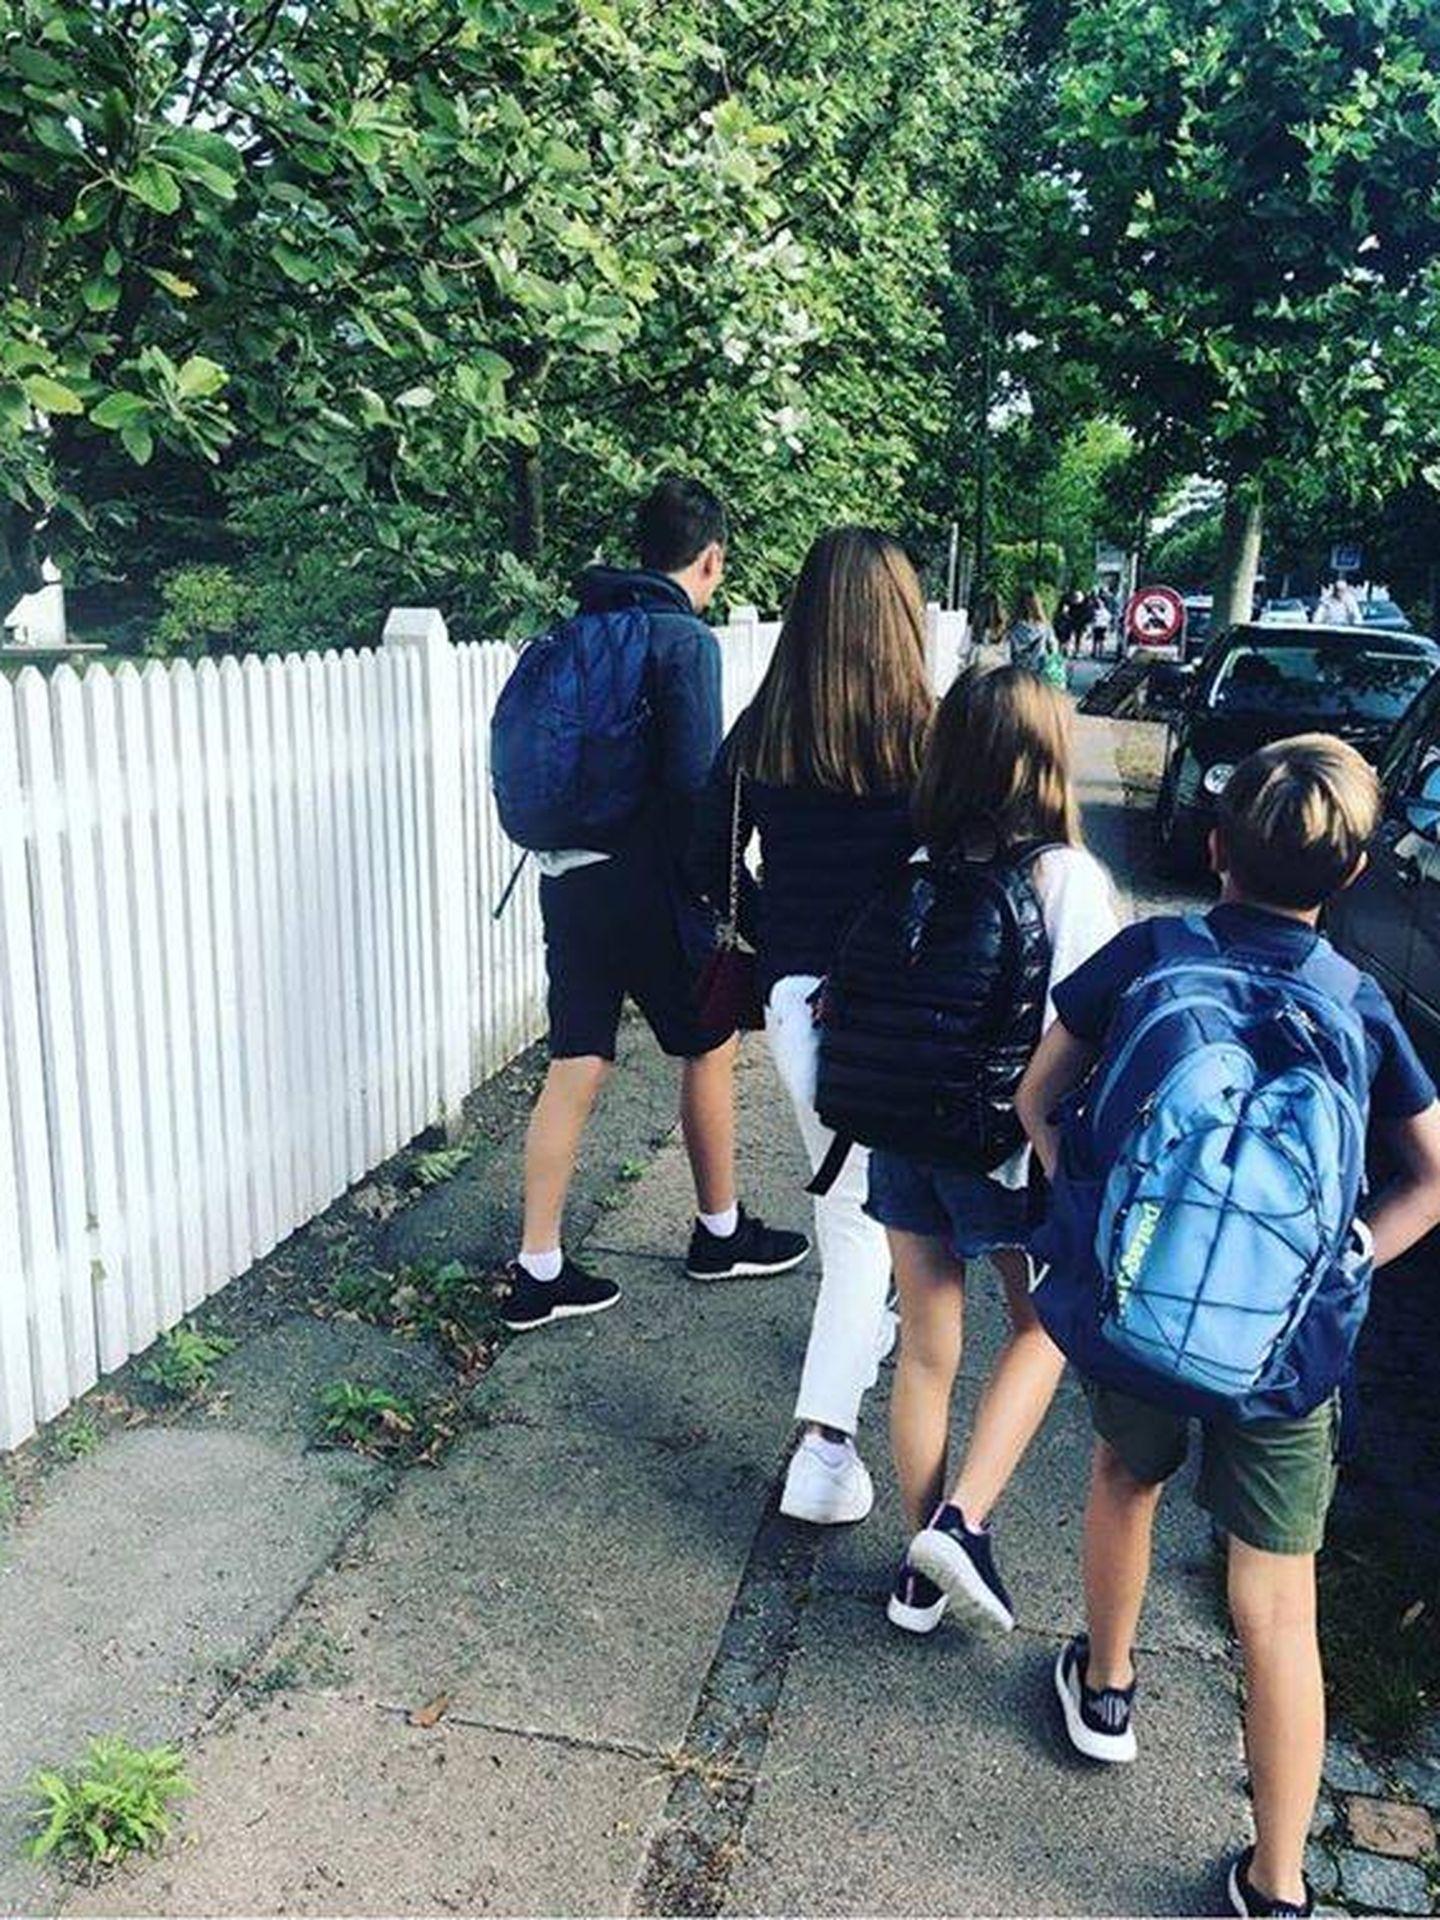 Los hijos de Federico y Mary, volviendo al colegio. (Instagram: @Detdanskekongehus)